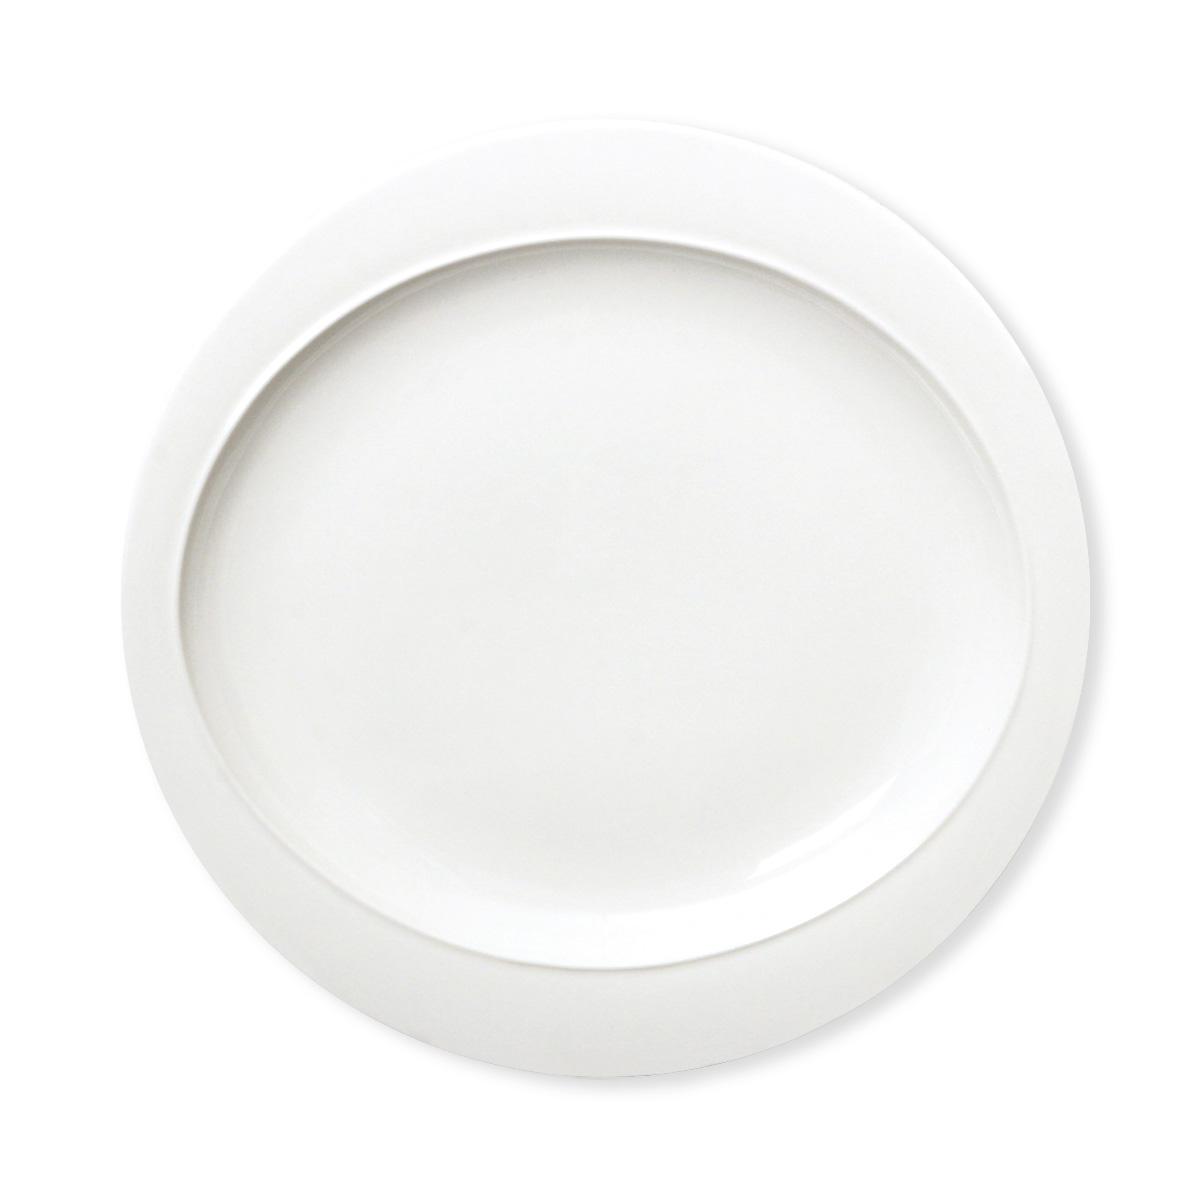 assiette dessert en porcelaine vaisselle tendance bruno evrard. Black Bedroom Furniture Sets. Home Design Ideas